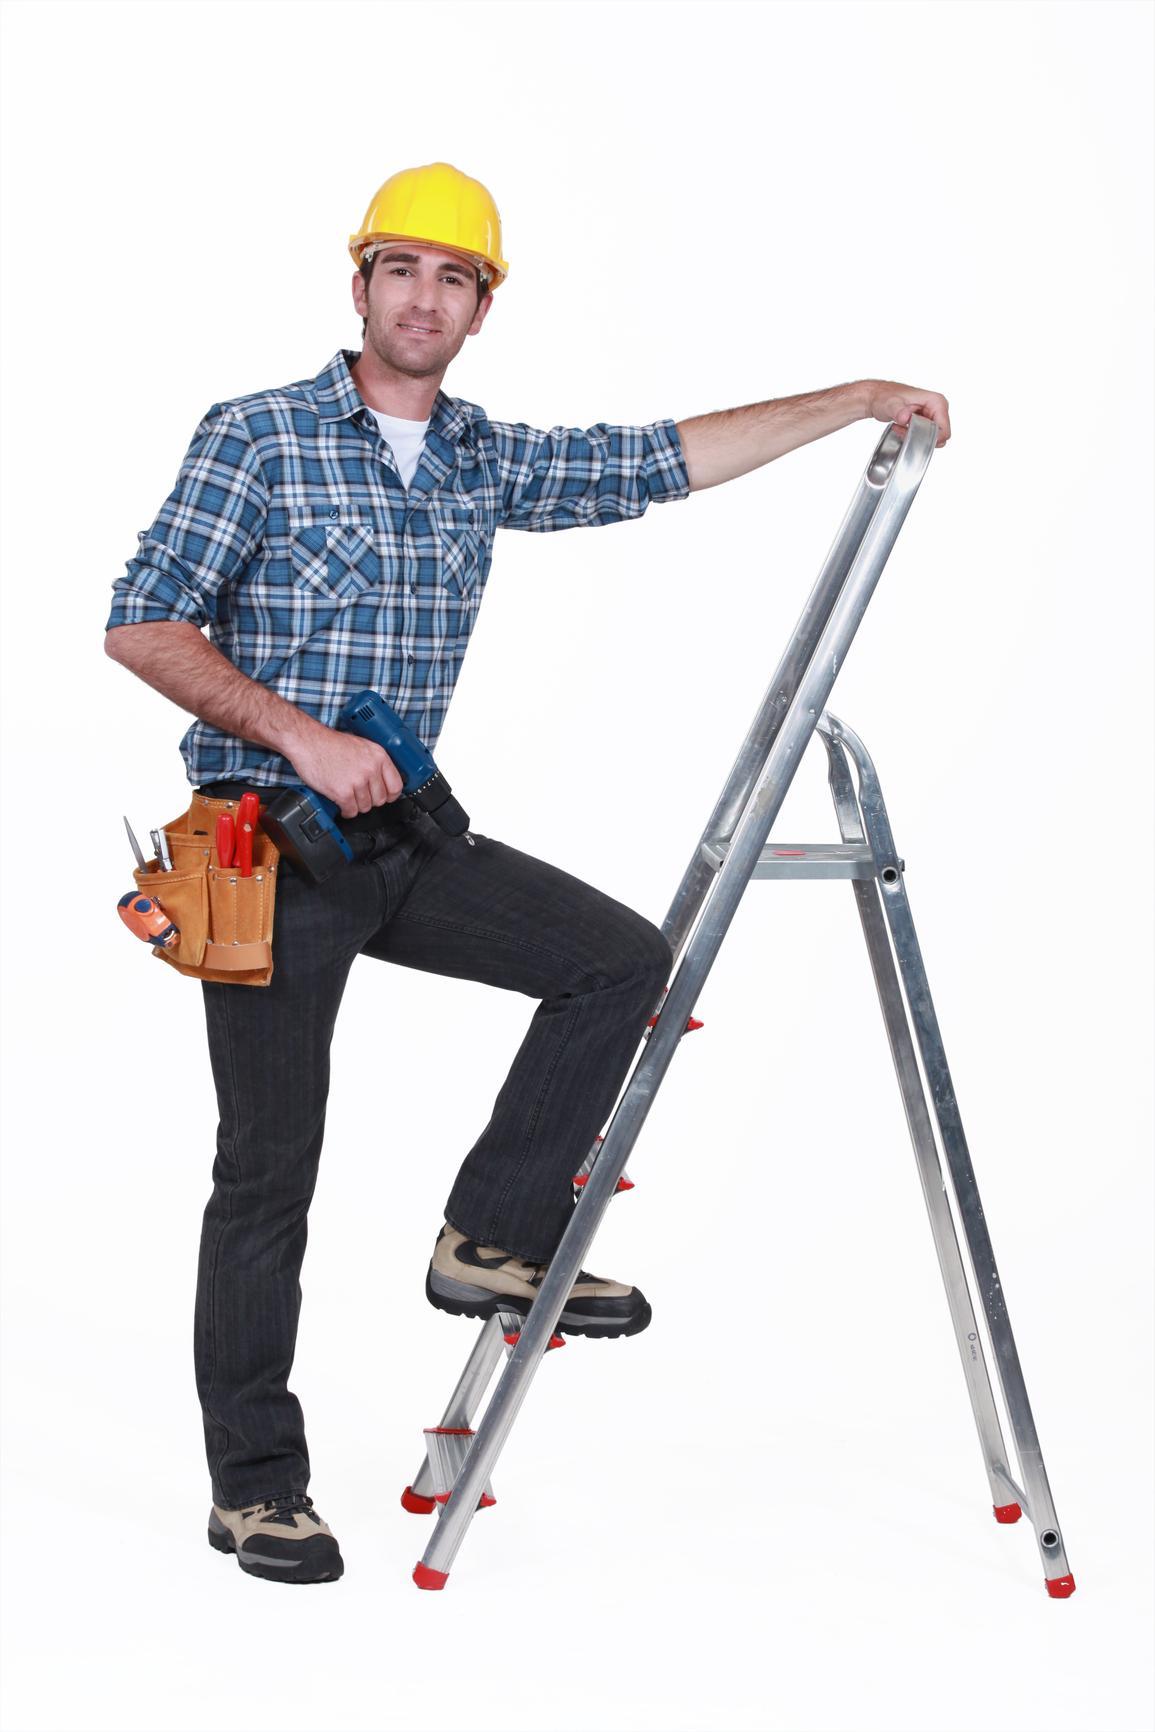 Стремянка своими руками 36 фото чертежи лестницы из дерева и из профильной трубы самодельные модели-трансформеры из металла